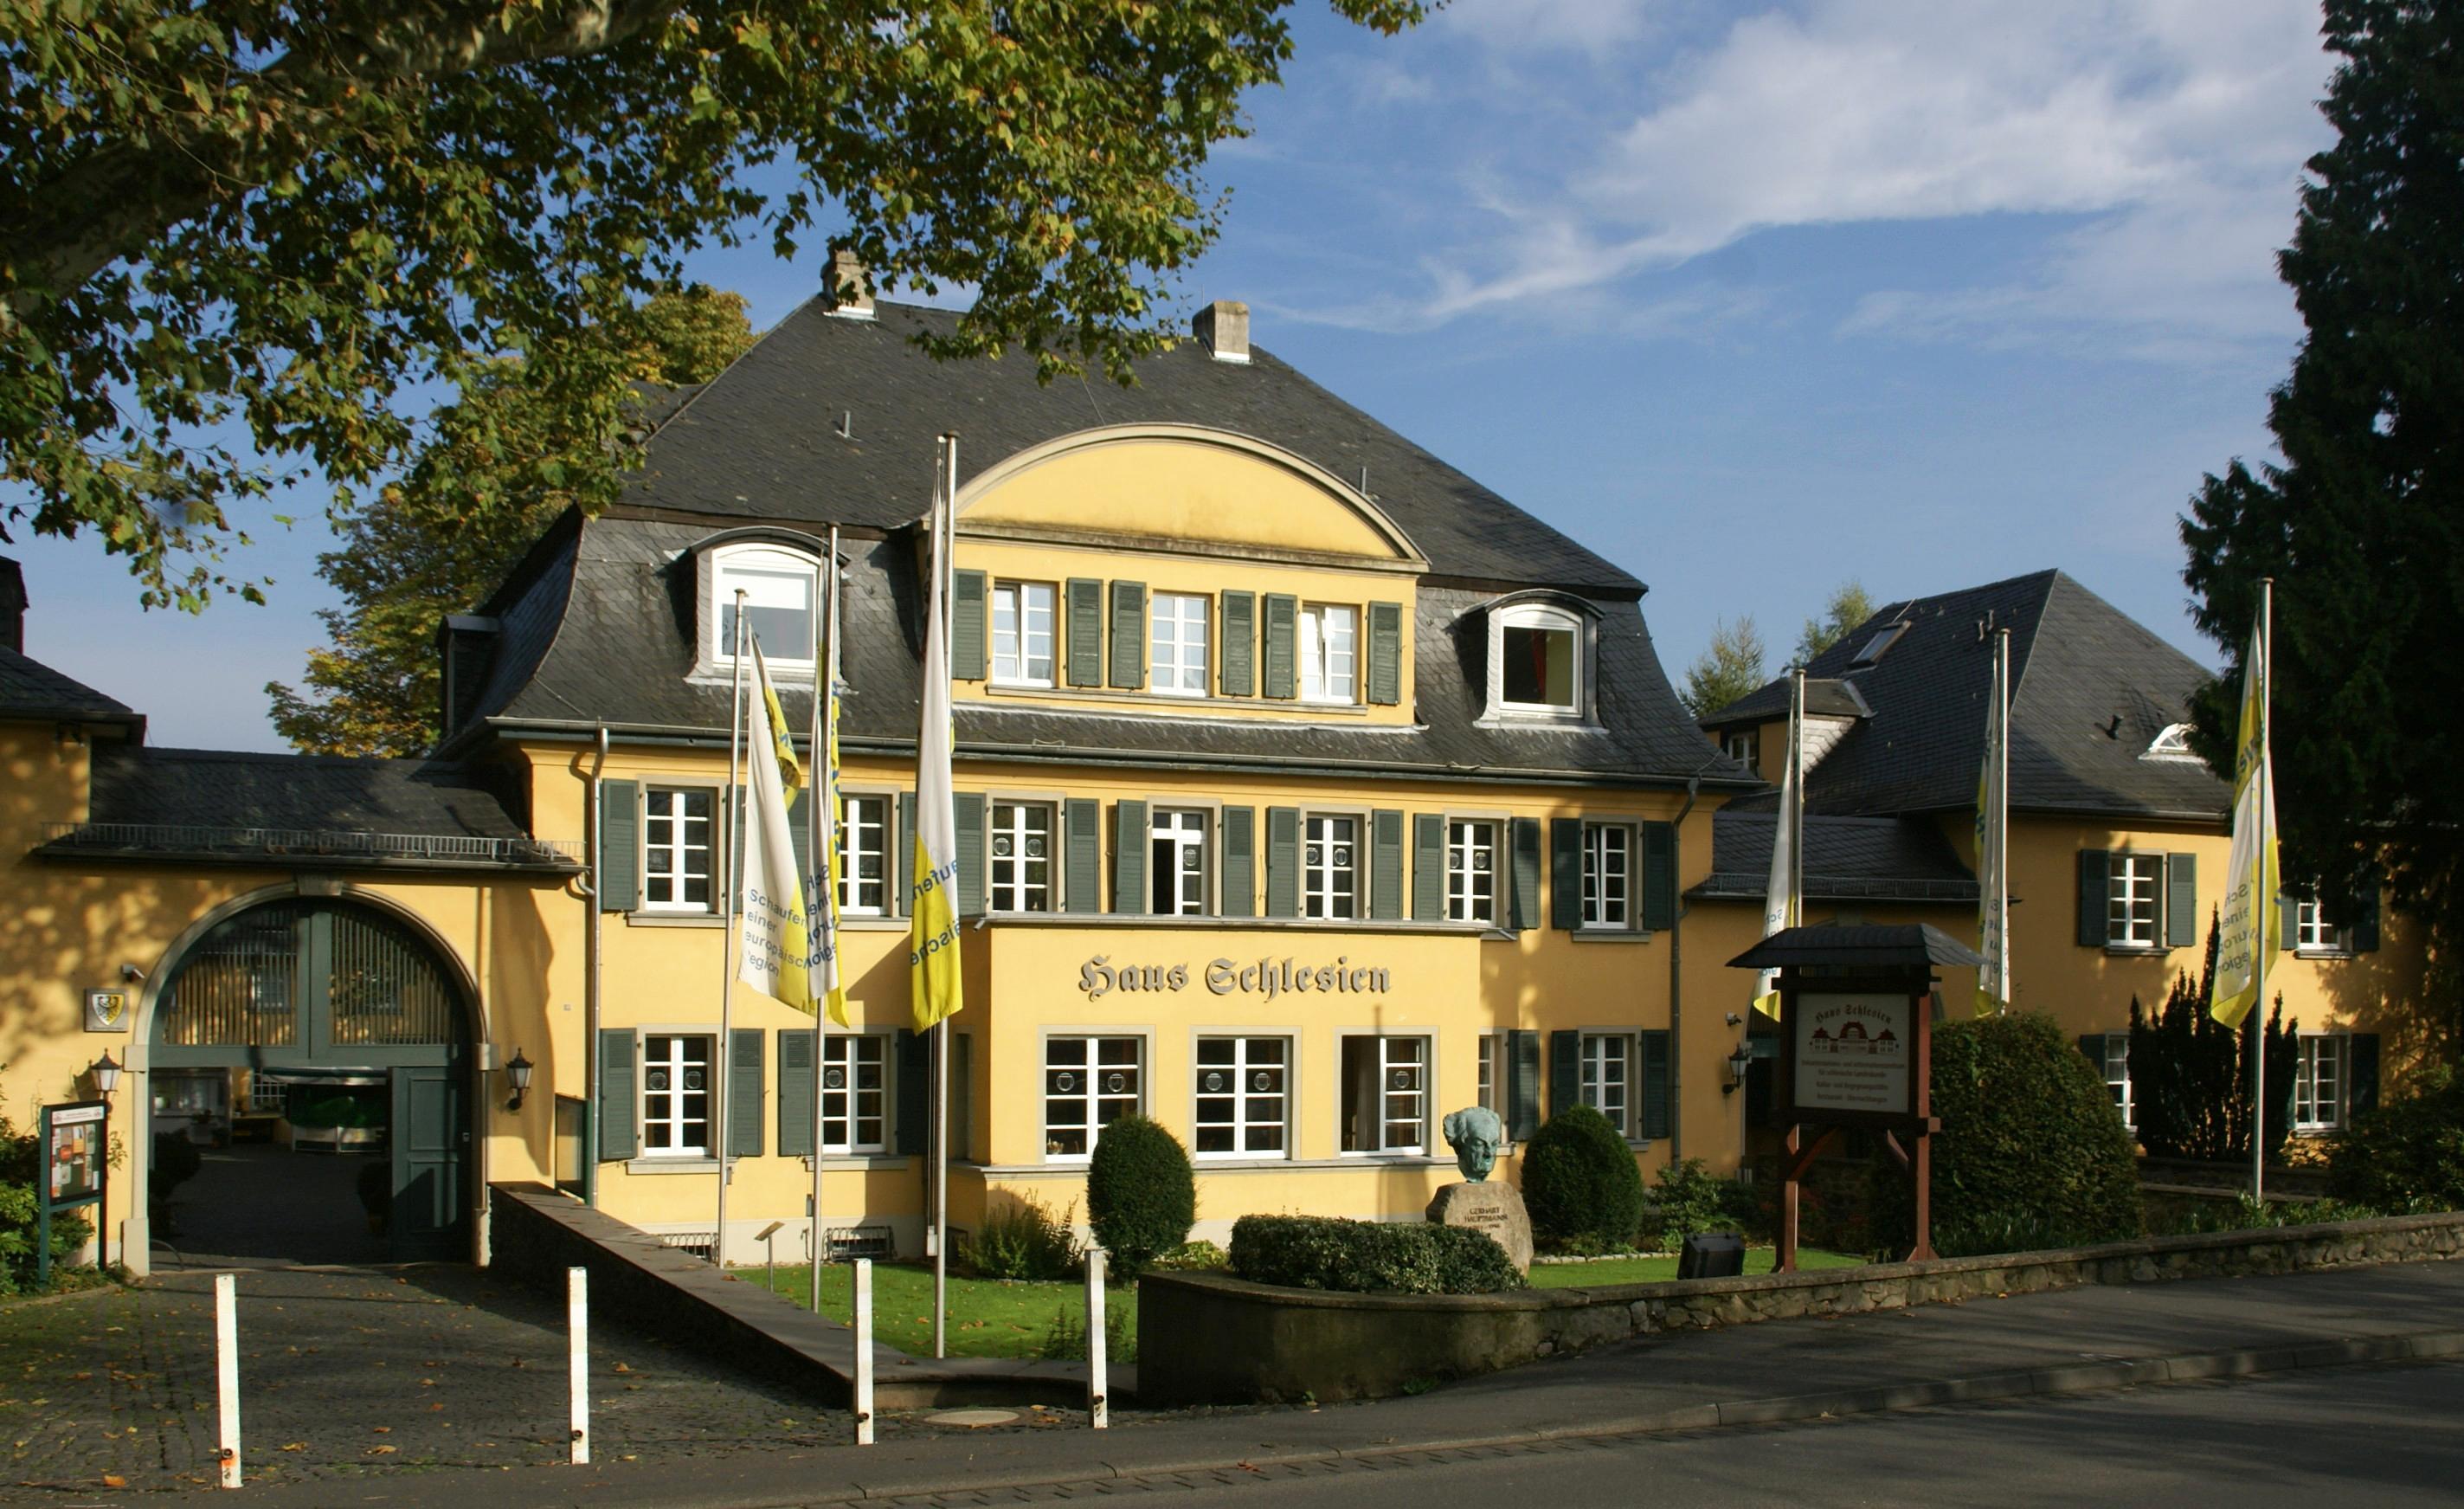 File Heisterbacherrott Haus Schlesien 01 Png Wikimedia Commons